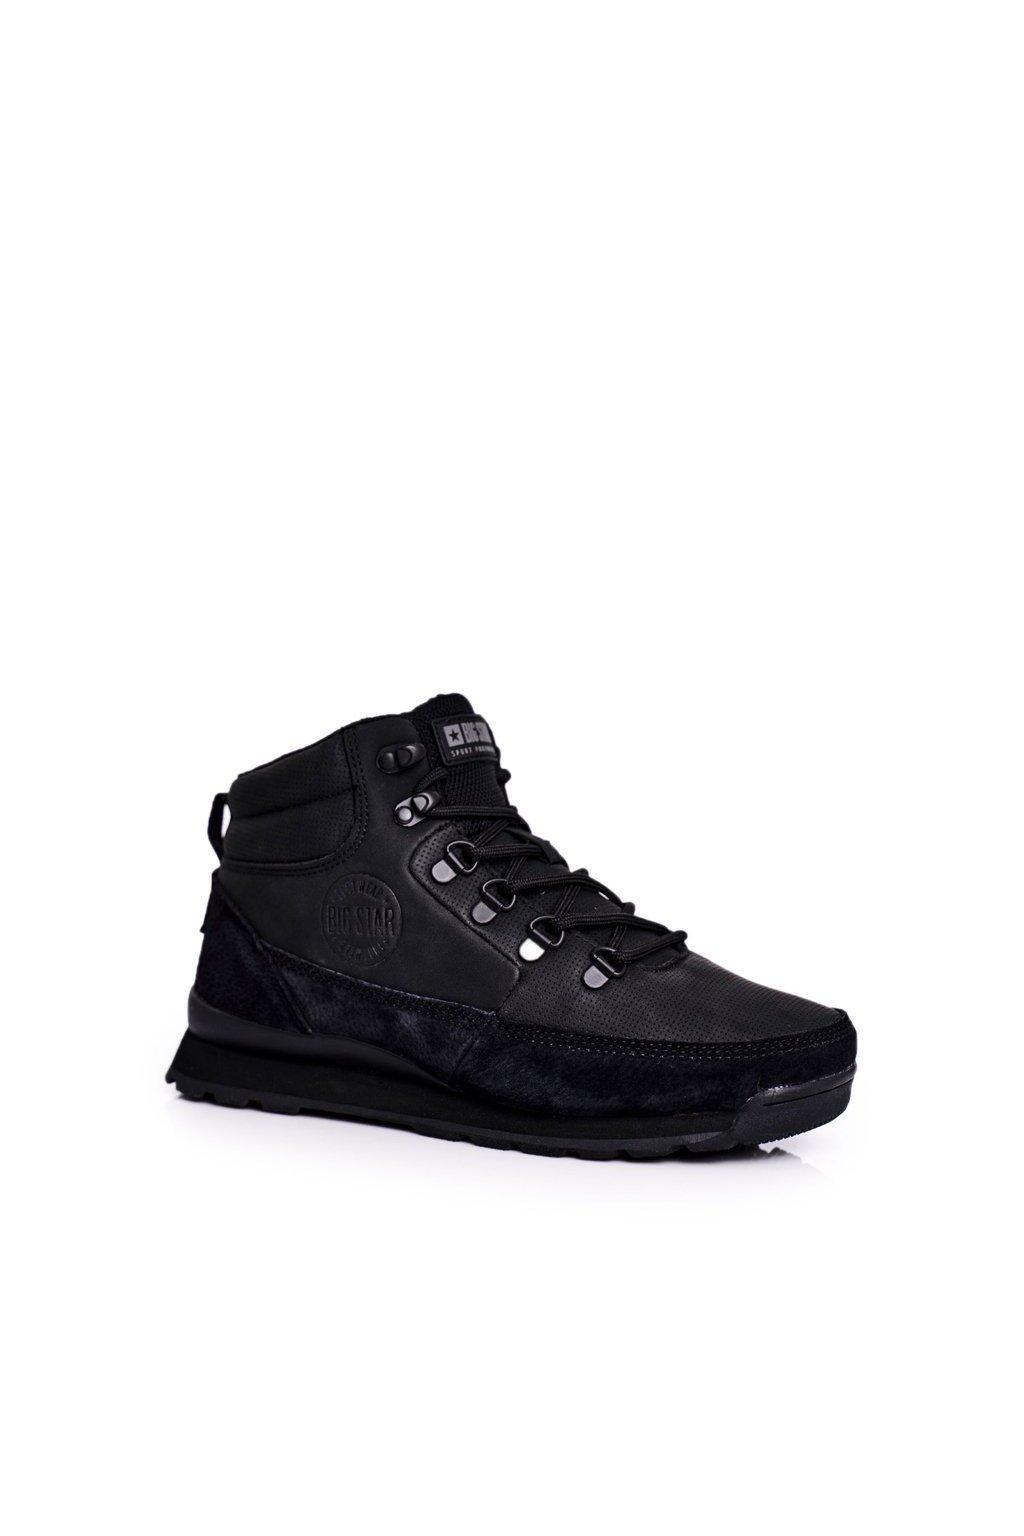 Dámske trekové topánky farba čierna kód obuvi GG274615 BLK